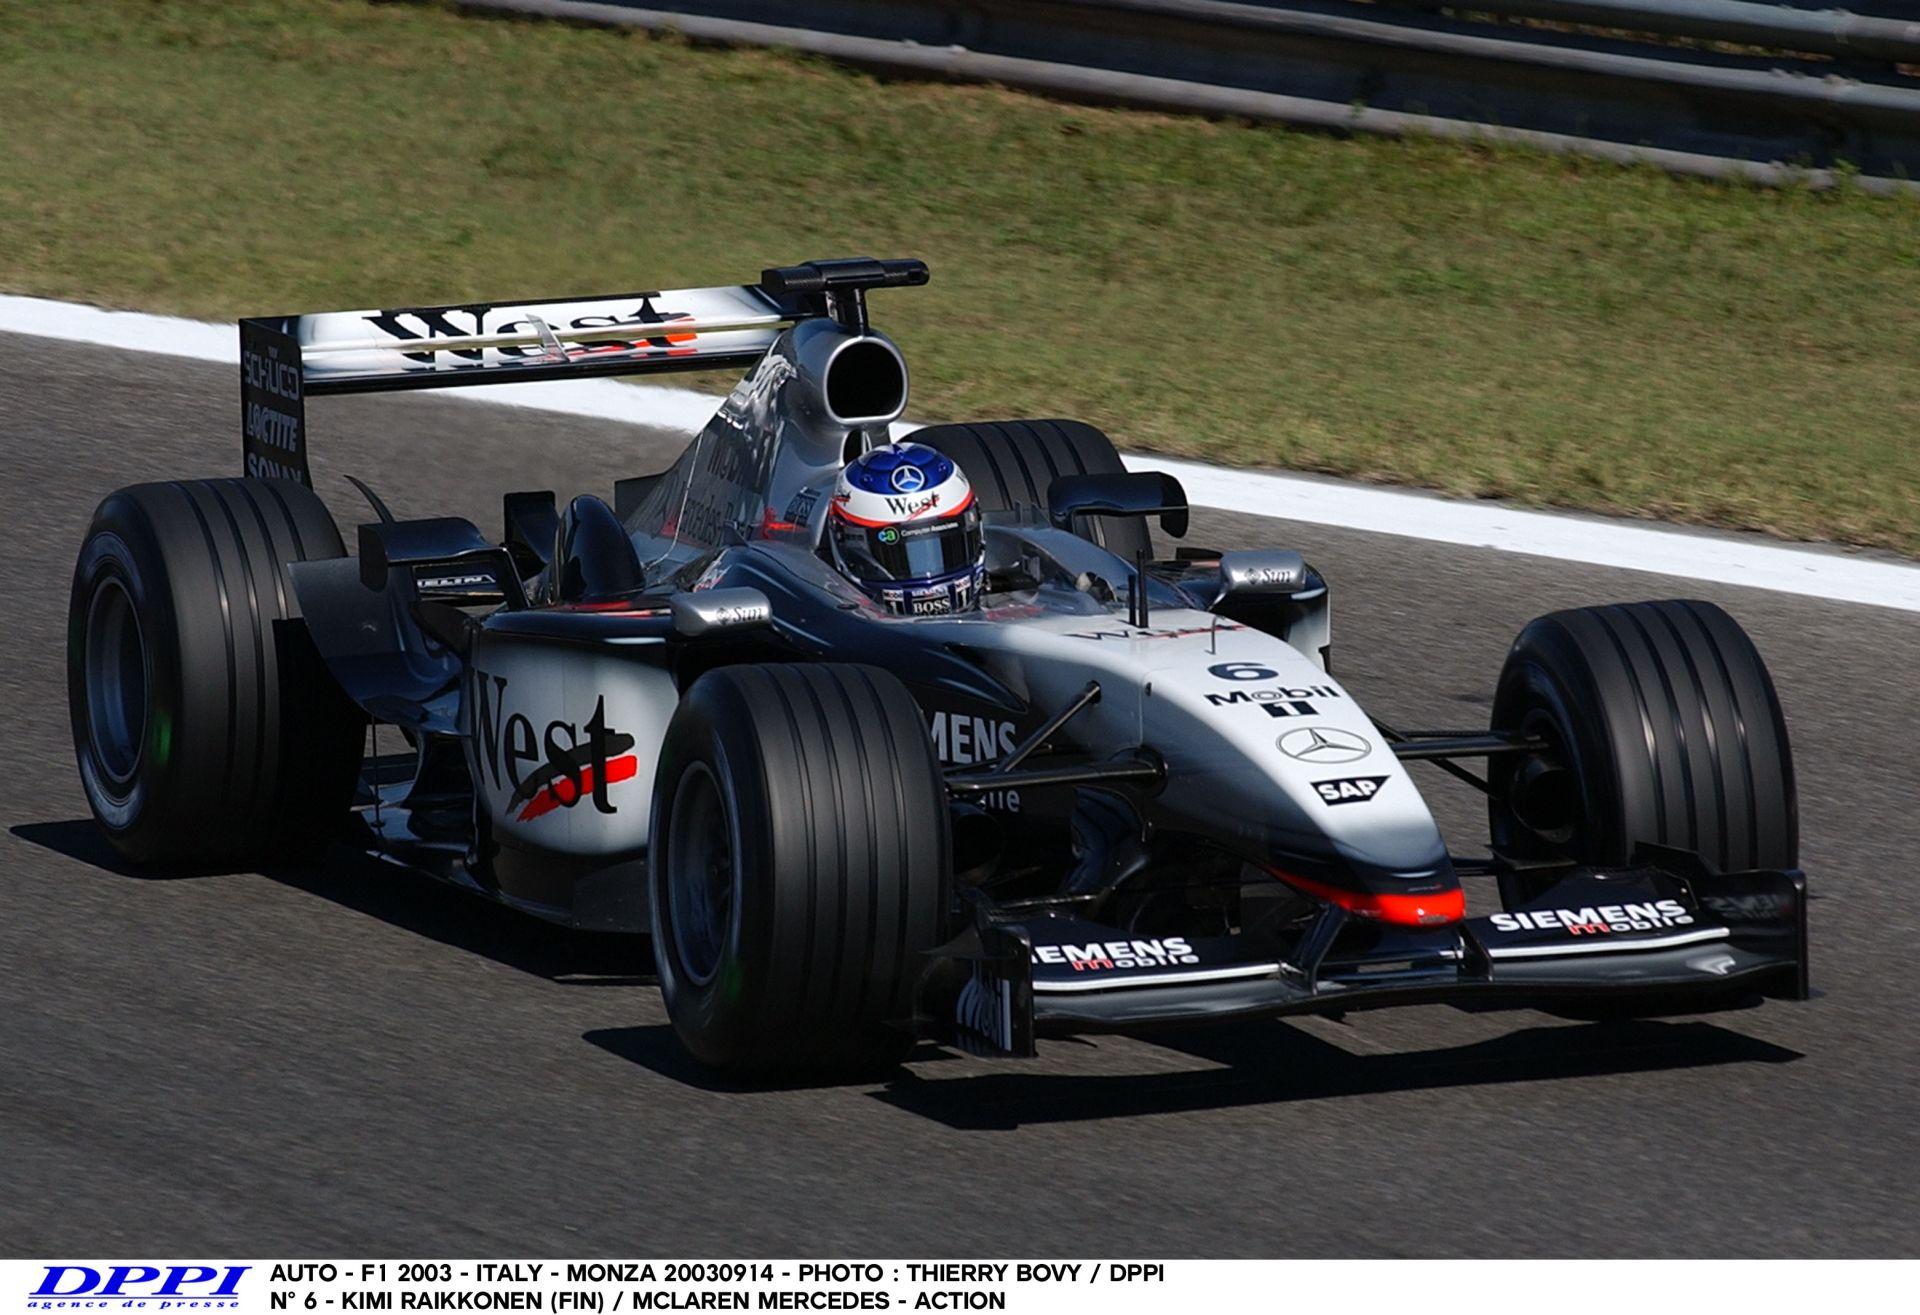 Tekerd fel a hangerőt, mert ez nem piskóta: Raikkönen a V10-es McLarennel Monzában